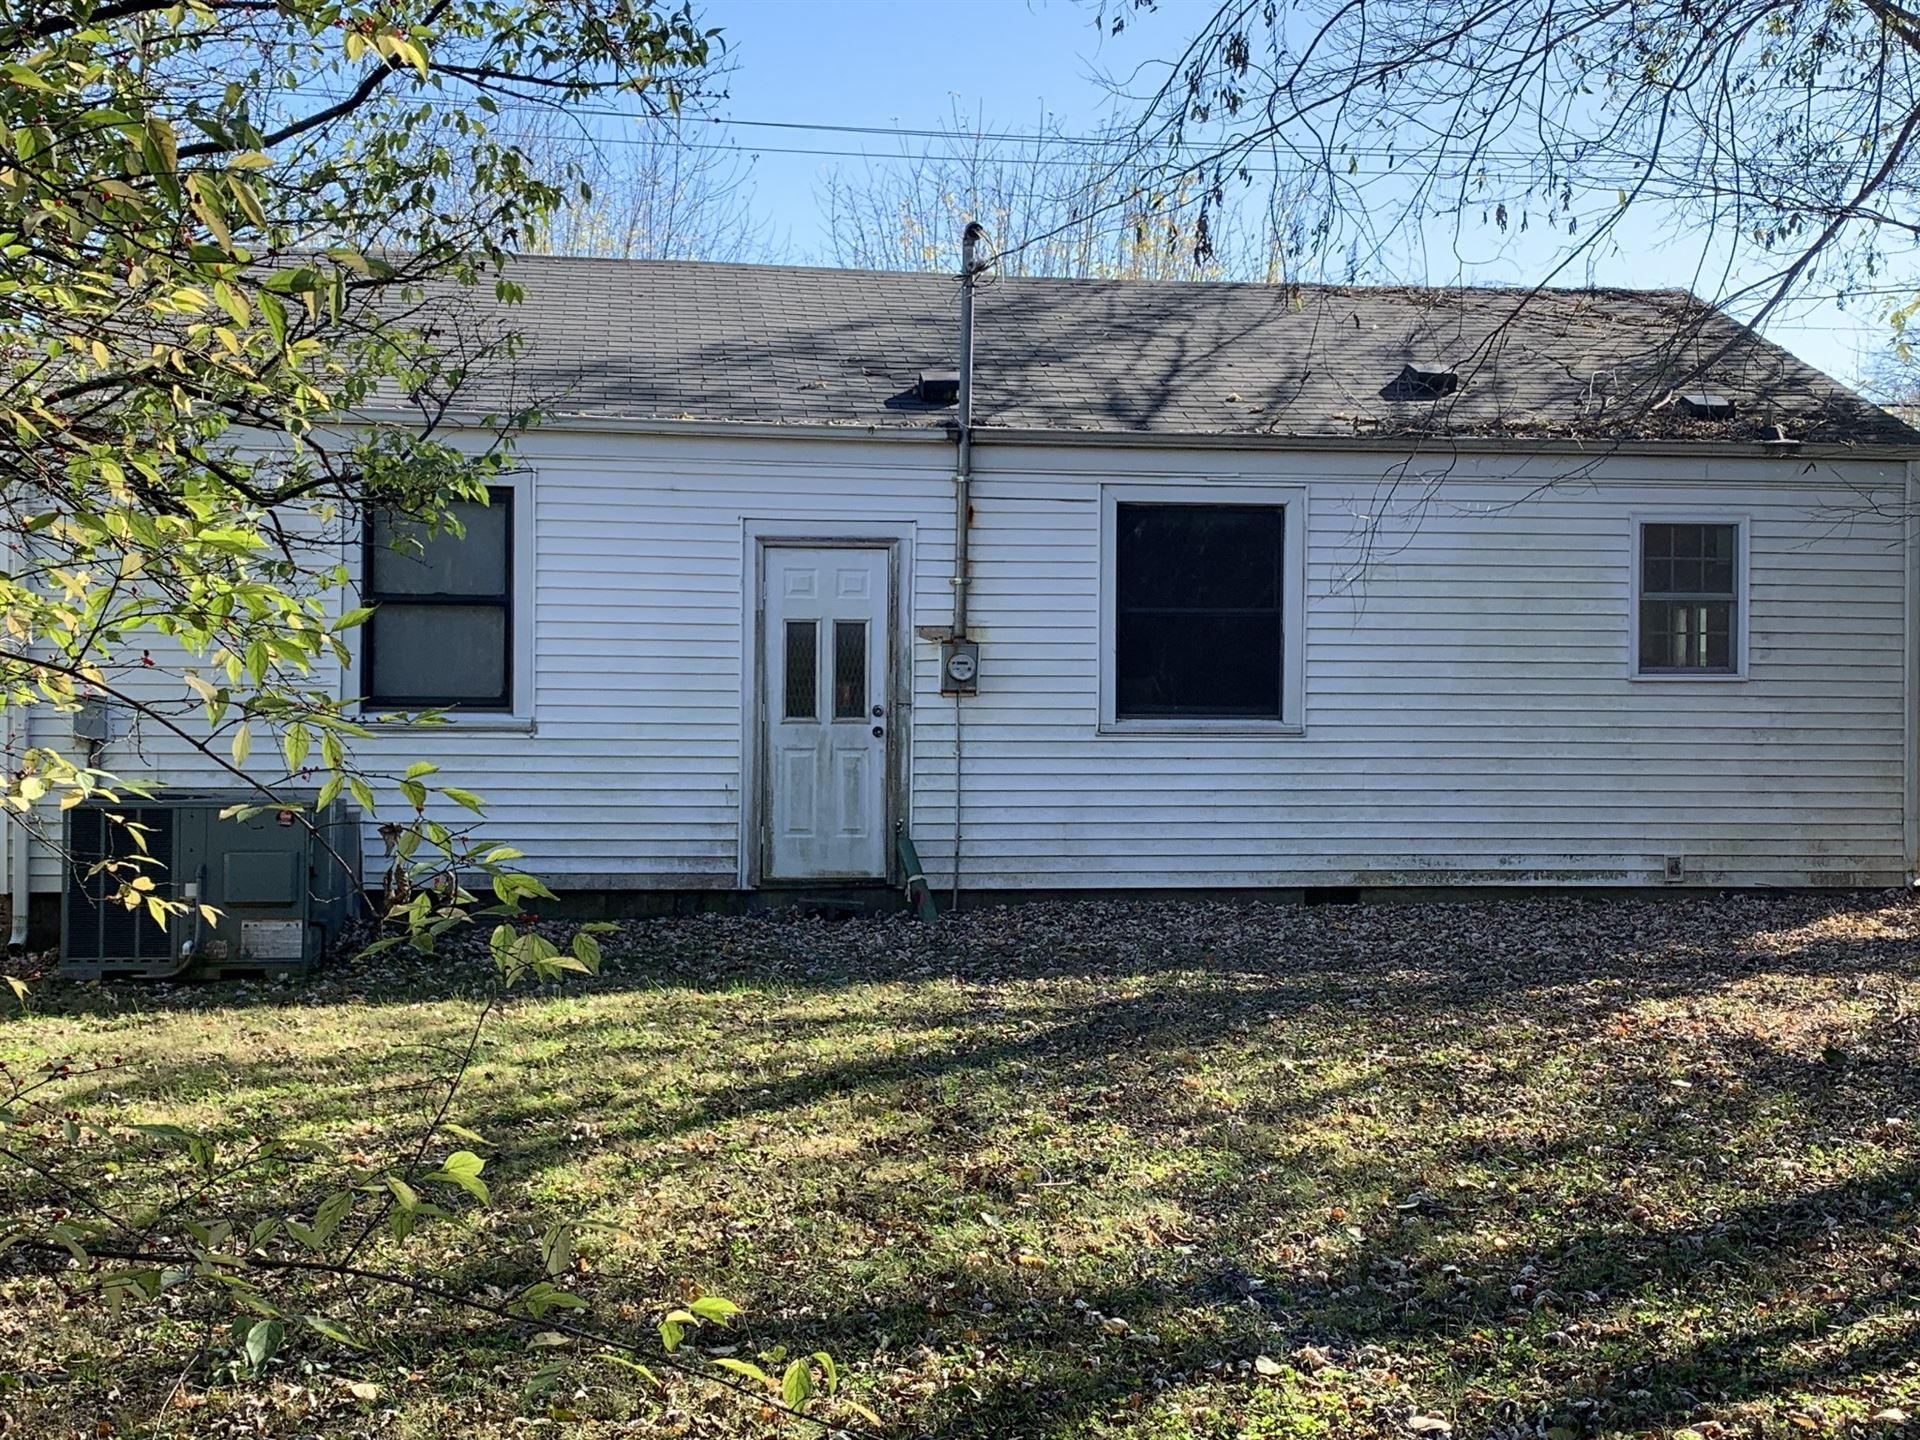 Photo of 1414 W Main St, Franklin, TN 37064 (MLS # 2207231)